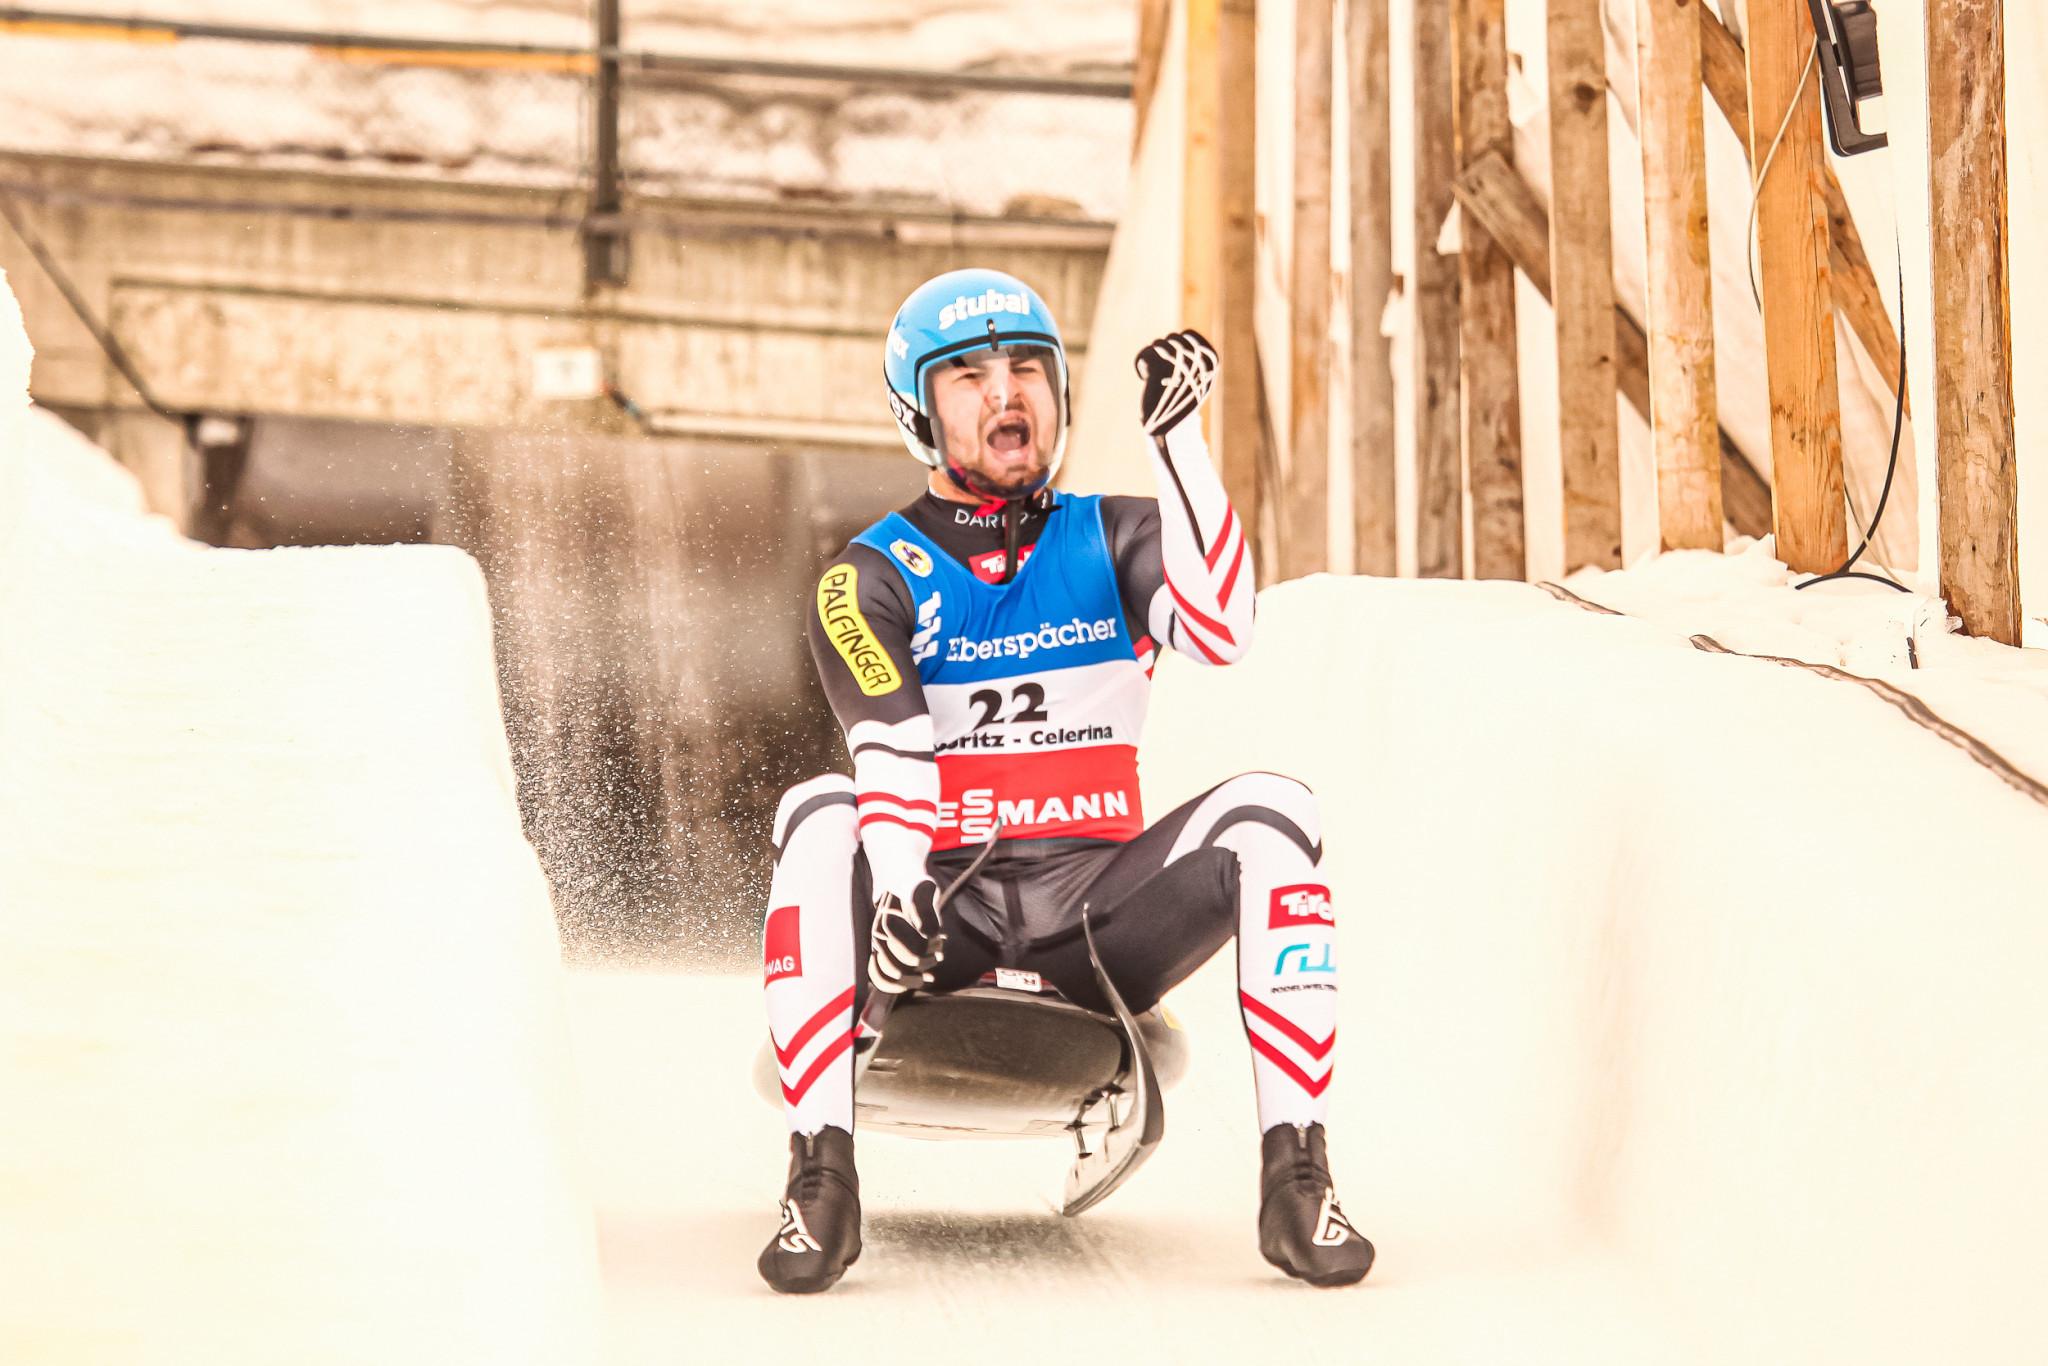 Gleirscher ends Loch's winning streak at Luge World Cup in St Moritz